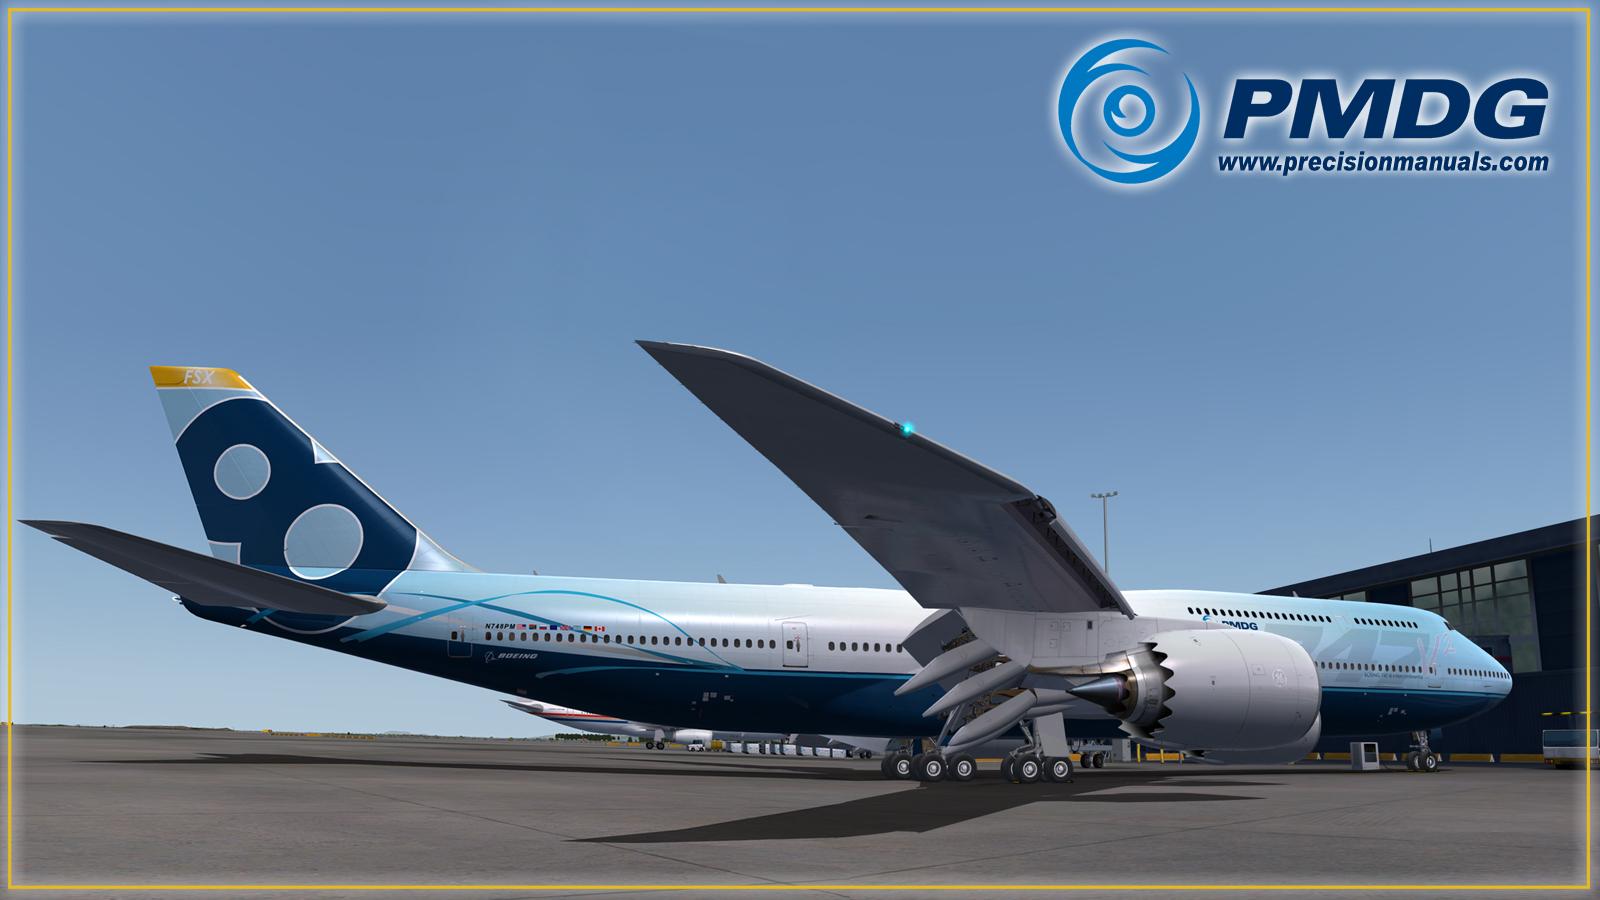 PMDG_748ext1.jpg